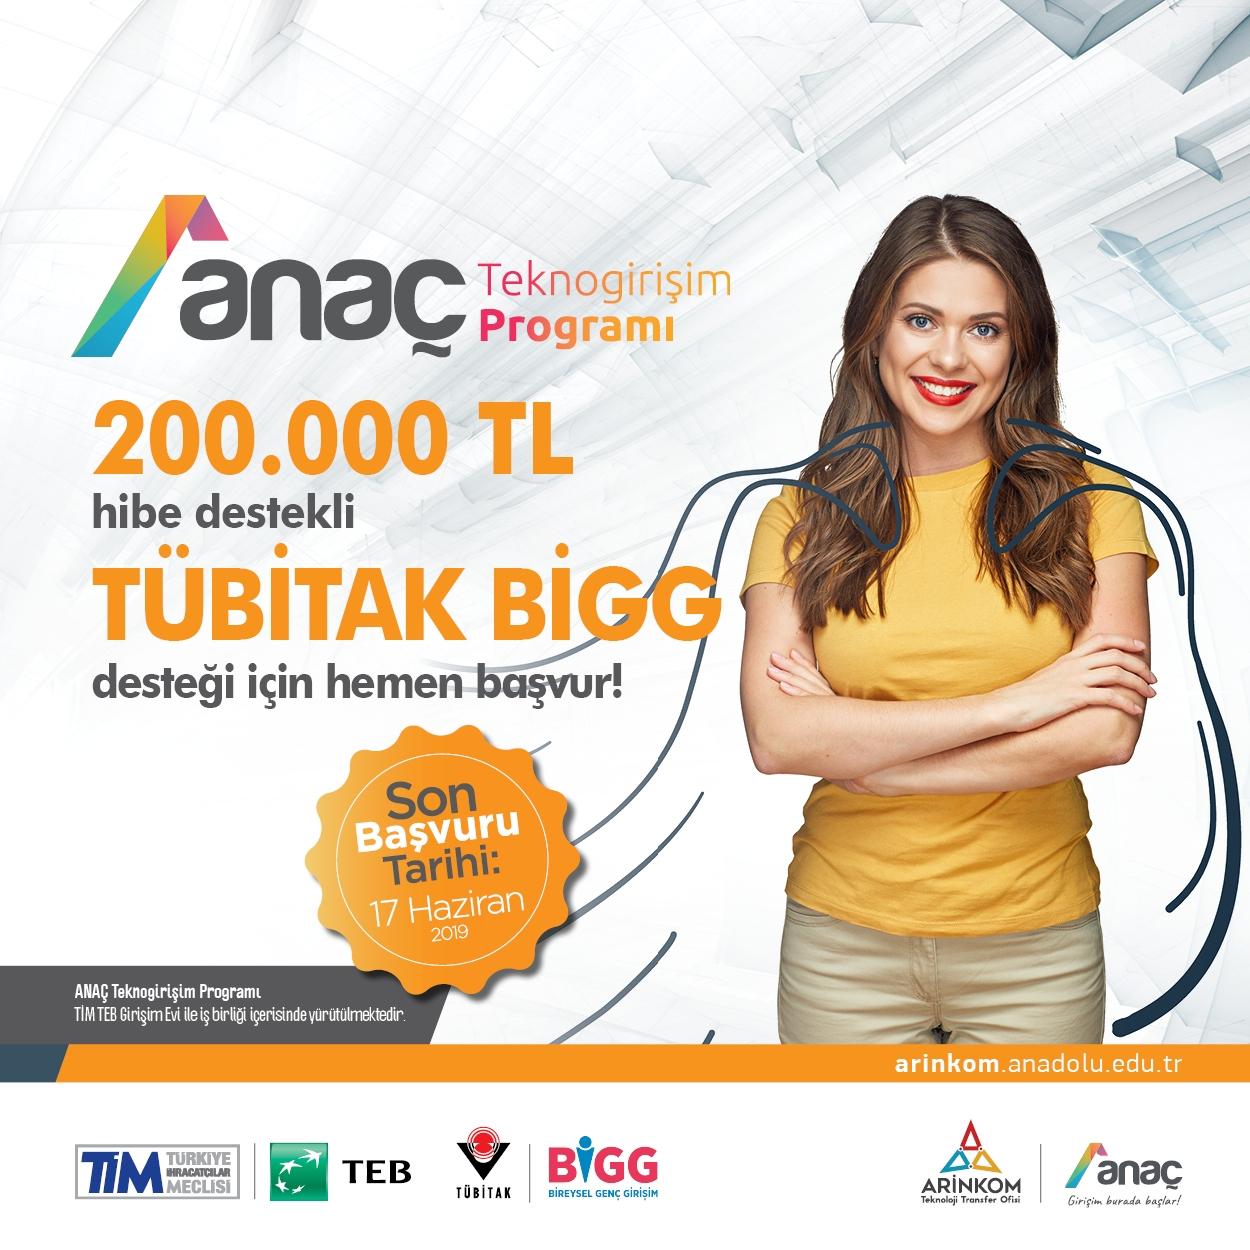 """ANAÇ Teknogirişim Programı""""na başvurular 17 Haziran 2019 tarihine kadar devam edecek."""